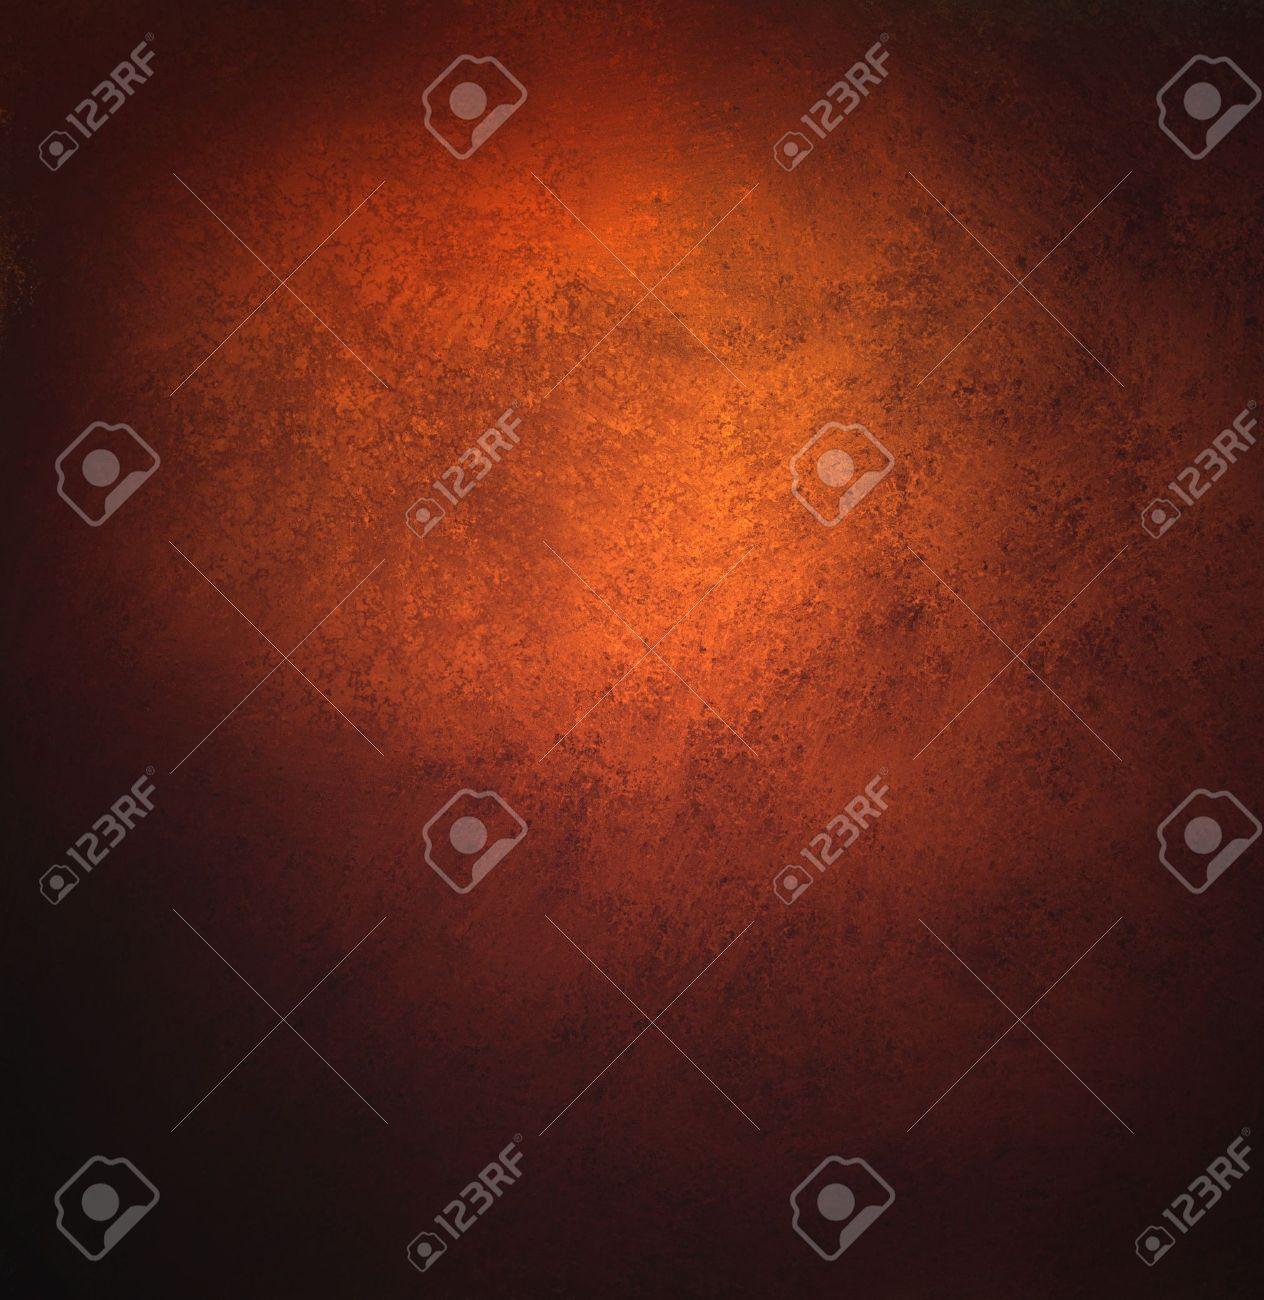 Abstrakte Orange Hintergrund, Alte Schwarze Vignette Rand Oder ...